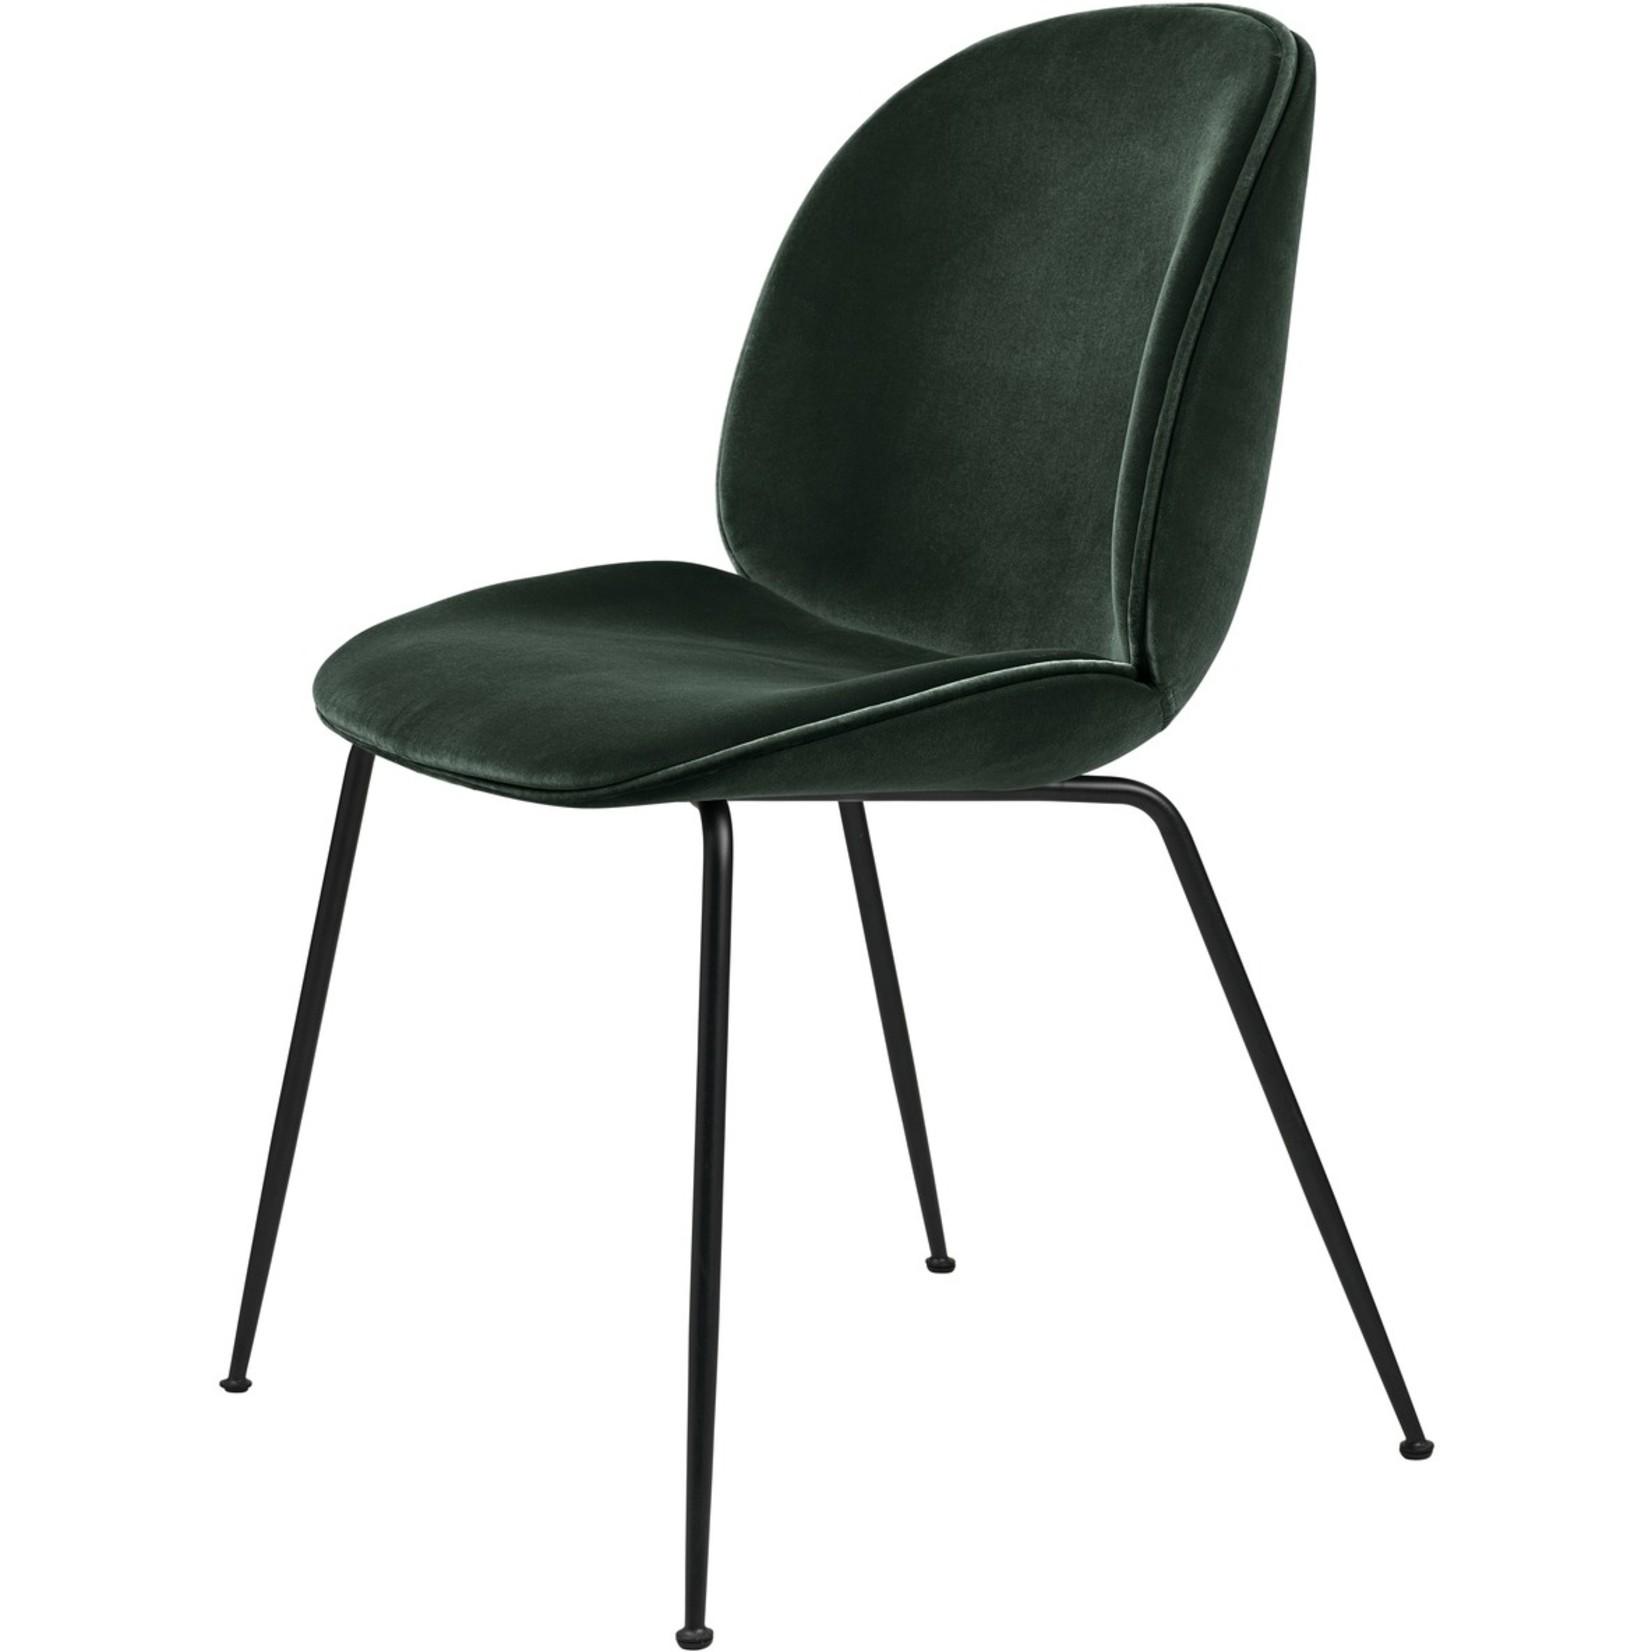 Gubi Beetle Dining Chair | Emerald Green & Black Matt Base